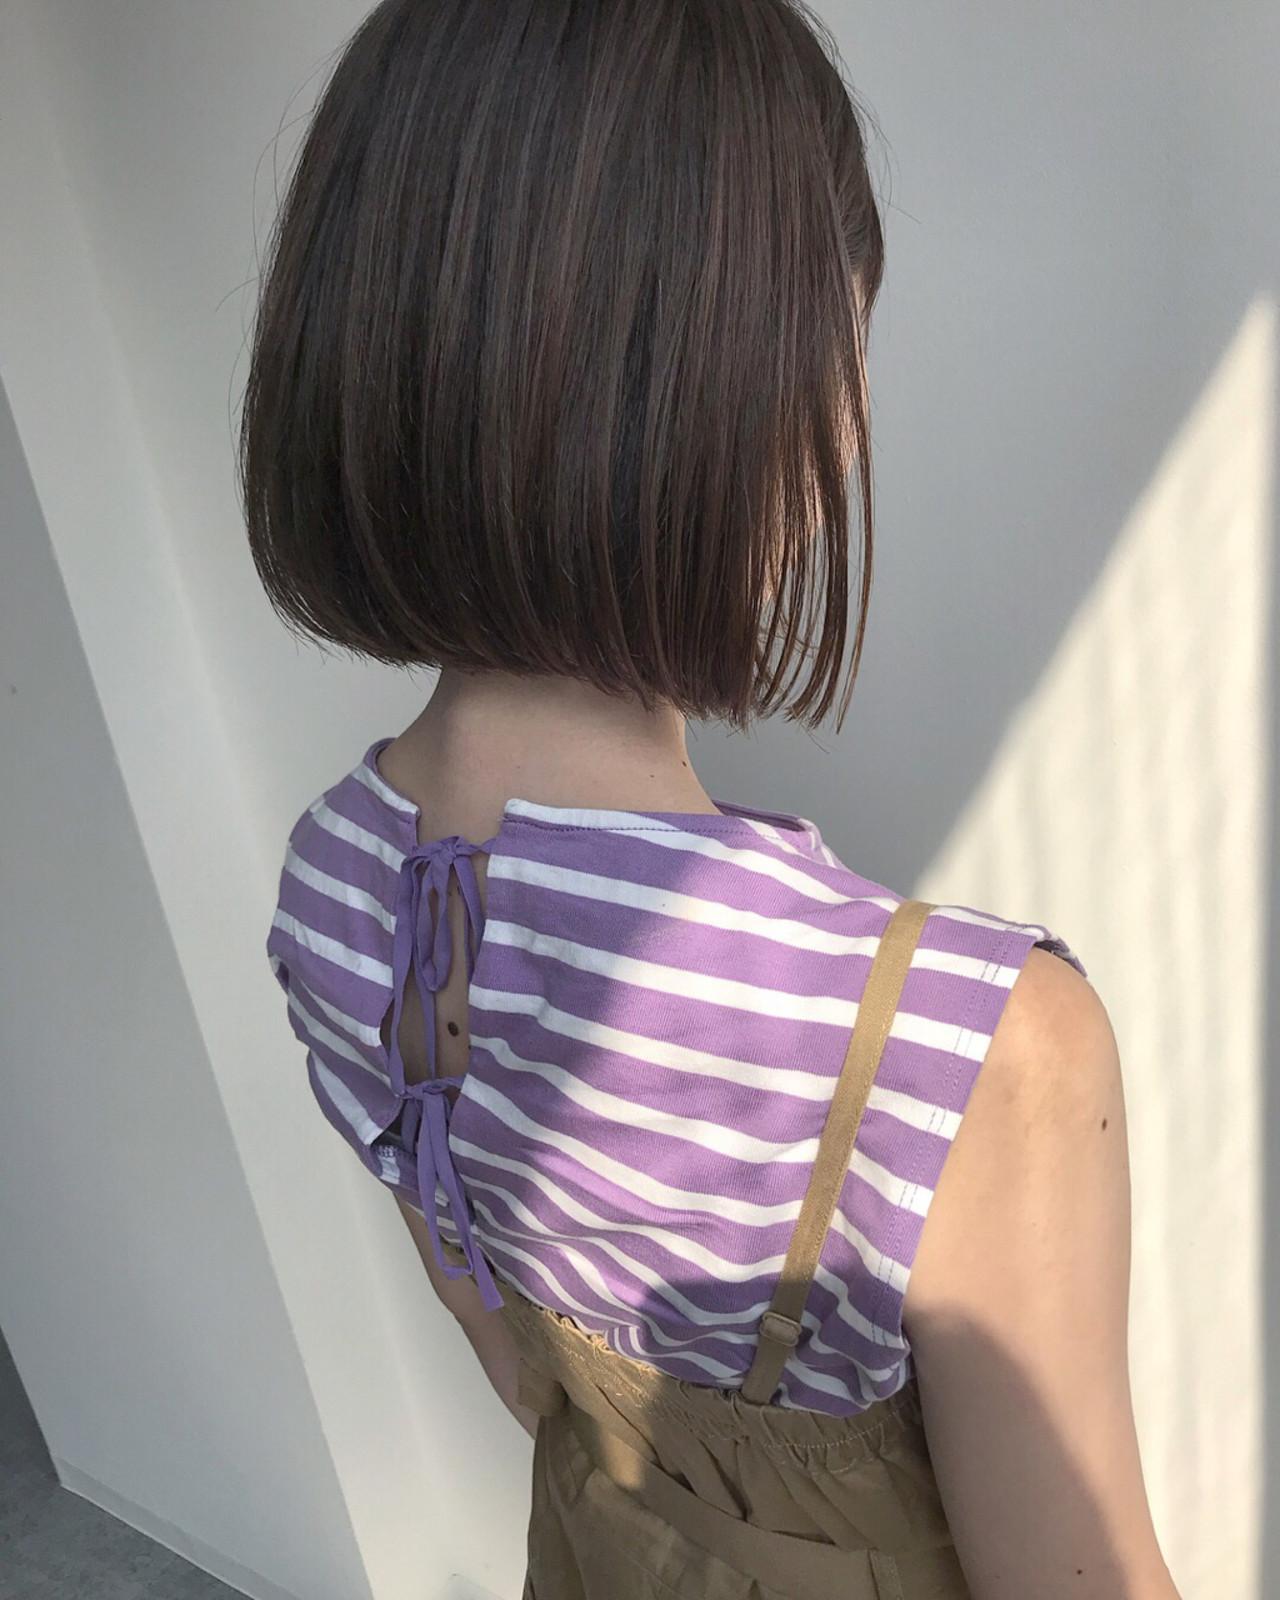 ヘアアレンジ ナチュラル スポーツ 夏 ヘアスタイルや髪型の写真・画像 | YUJI / LIICHI / LIICHI (リイチ)